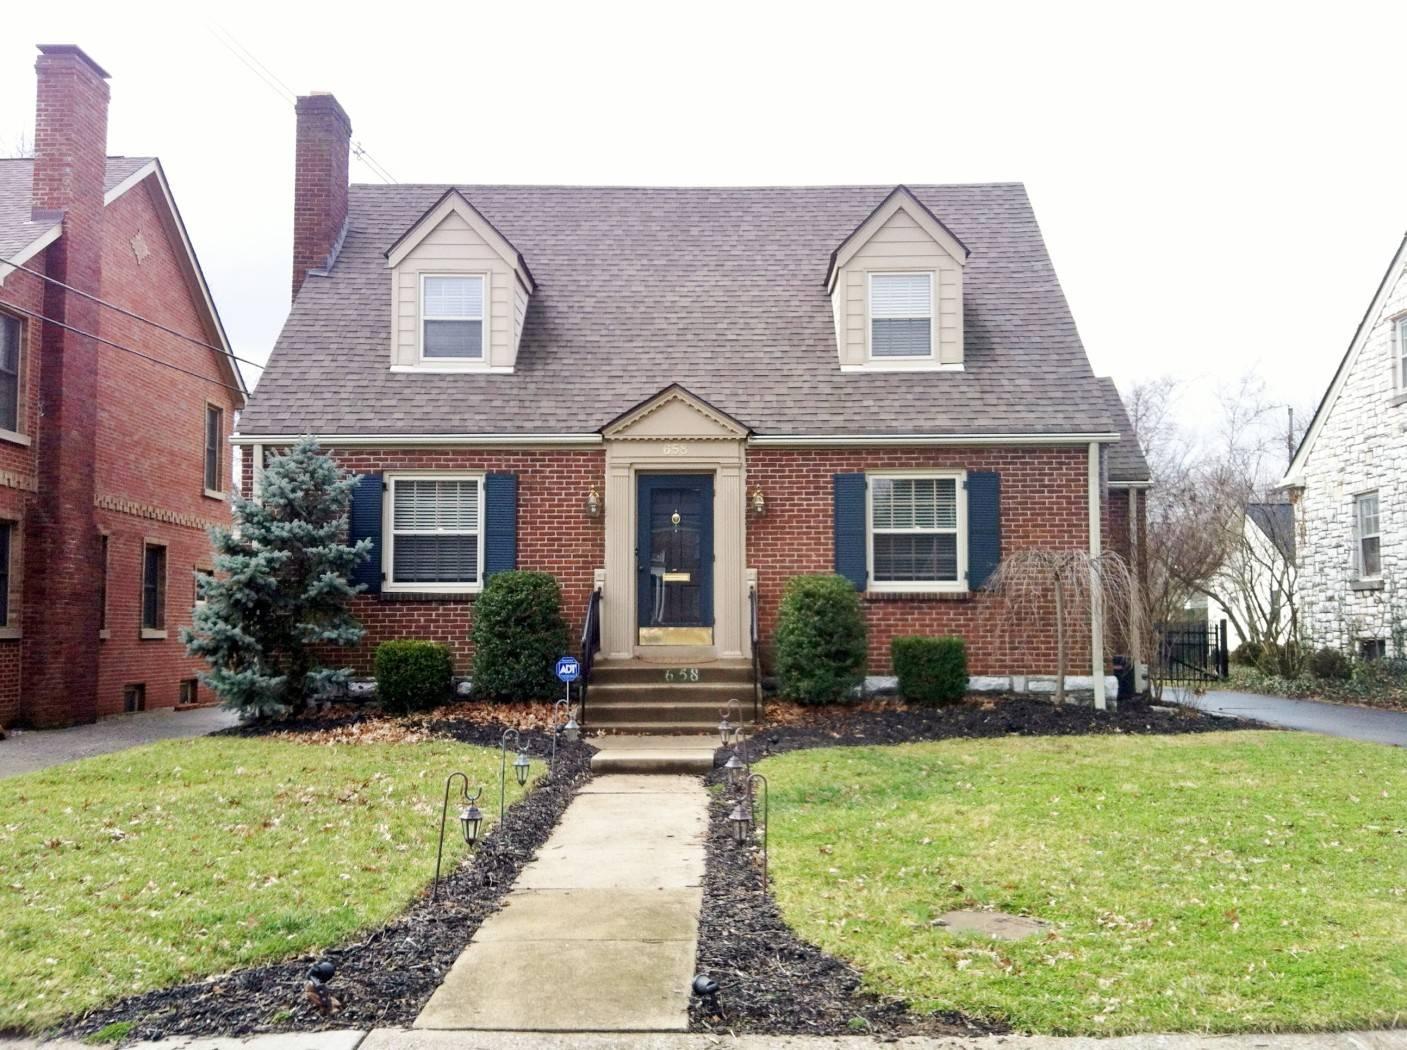 Brick Cape Cod House Home Building Plans 54495